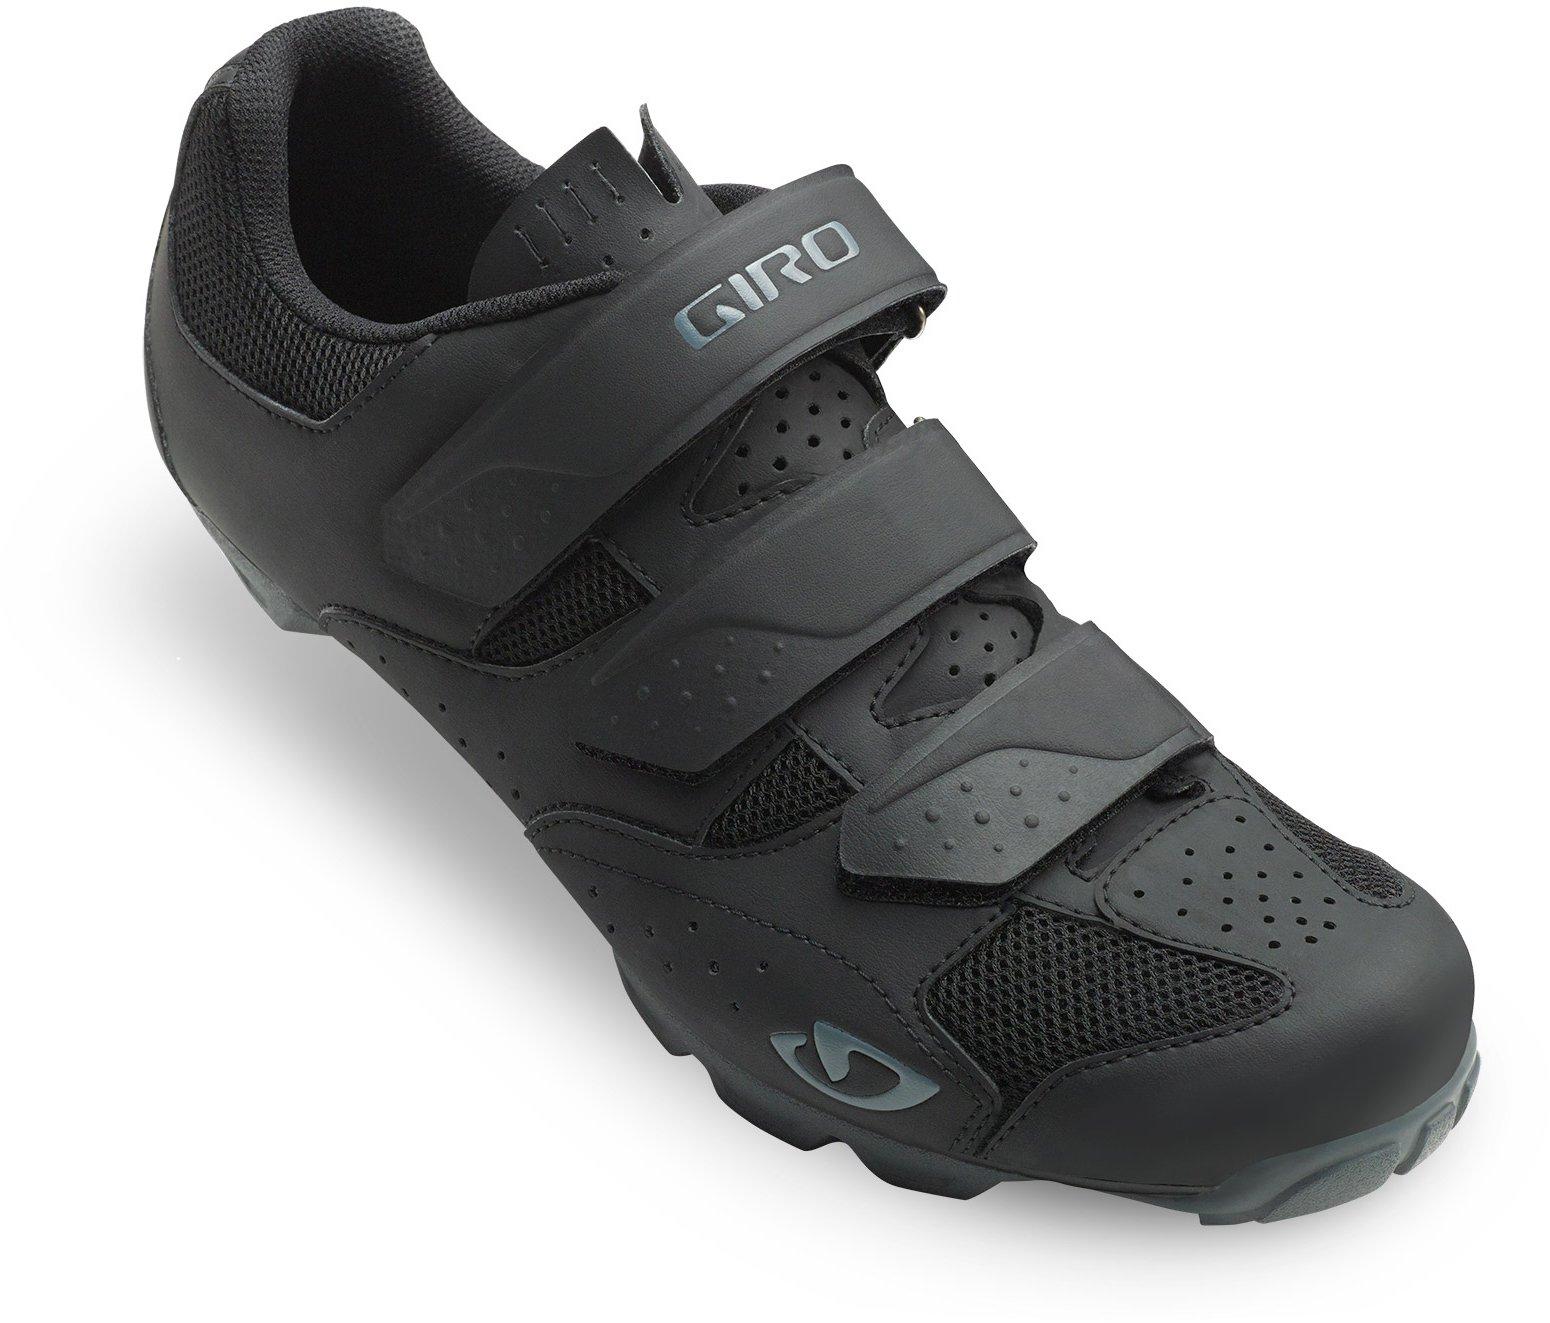 Giro Carbide R II Cycling Shoes - Men's Black/Charcoal 45